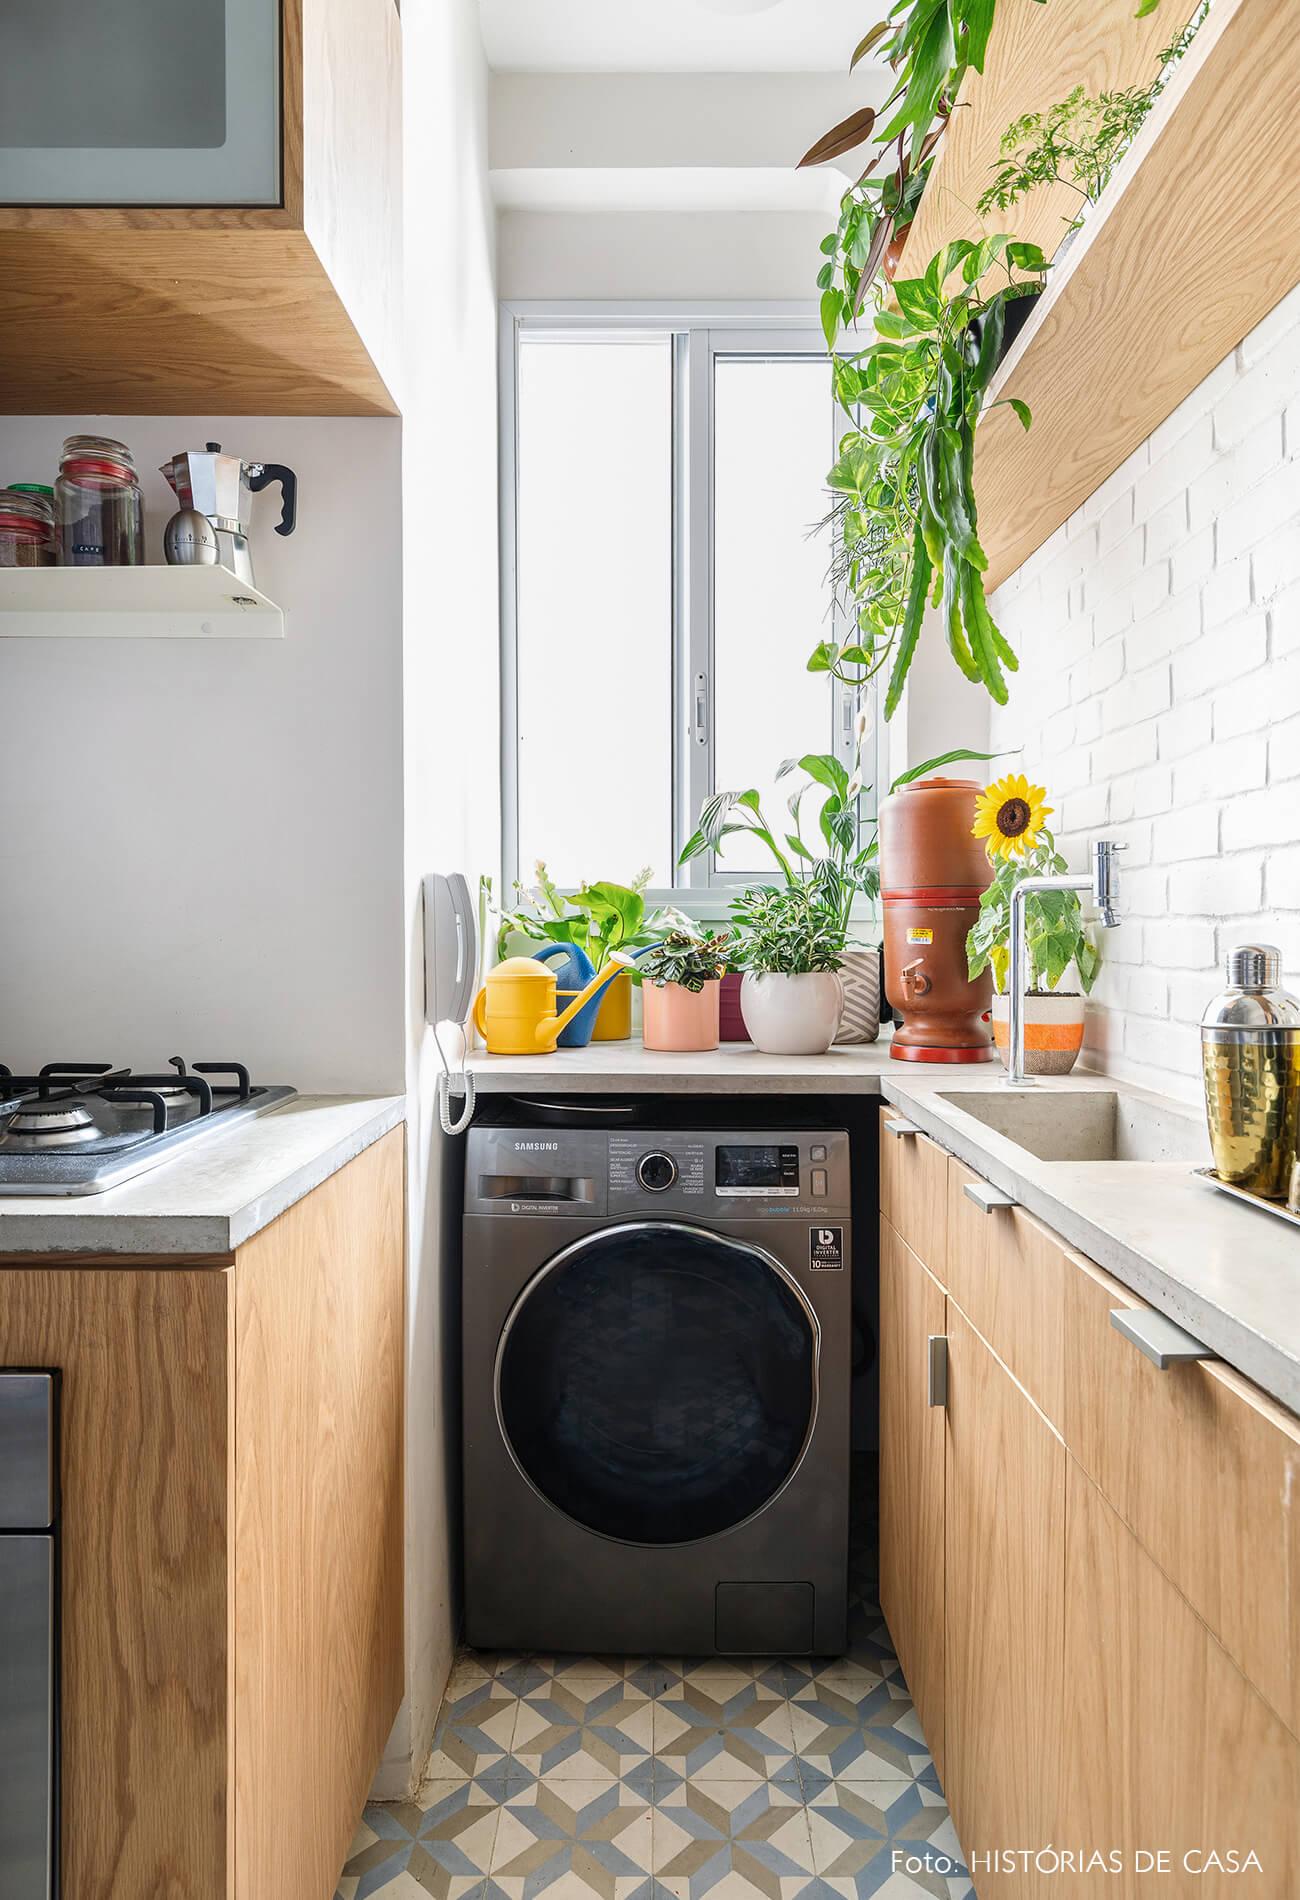 decoração cozinha com armarios madeira varios vasos plantas